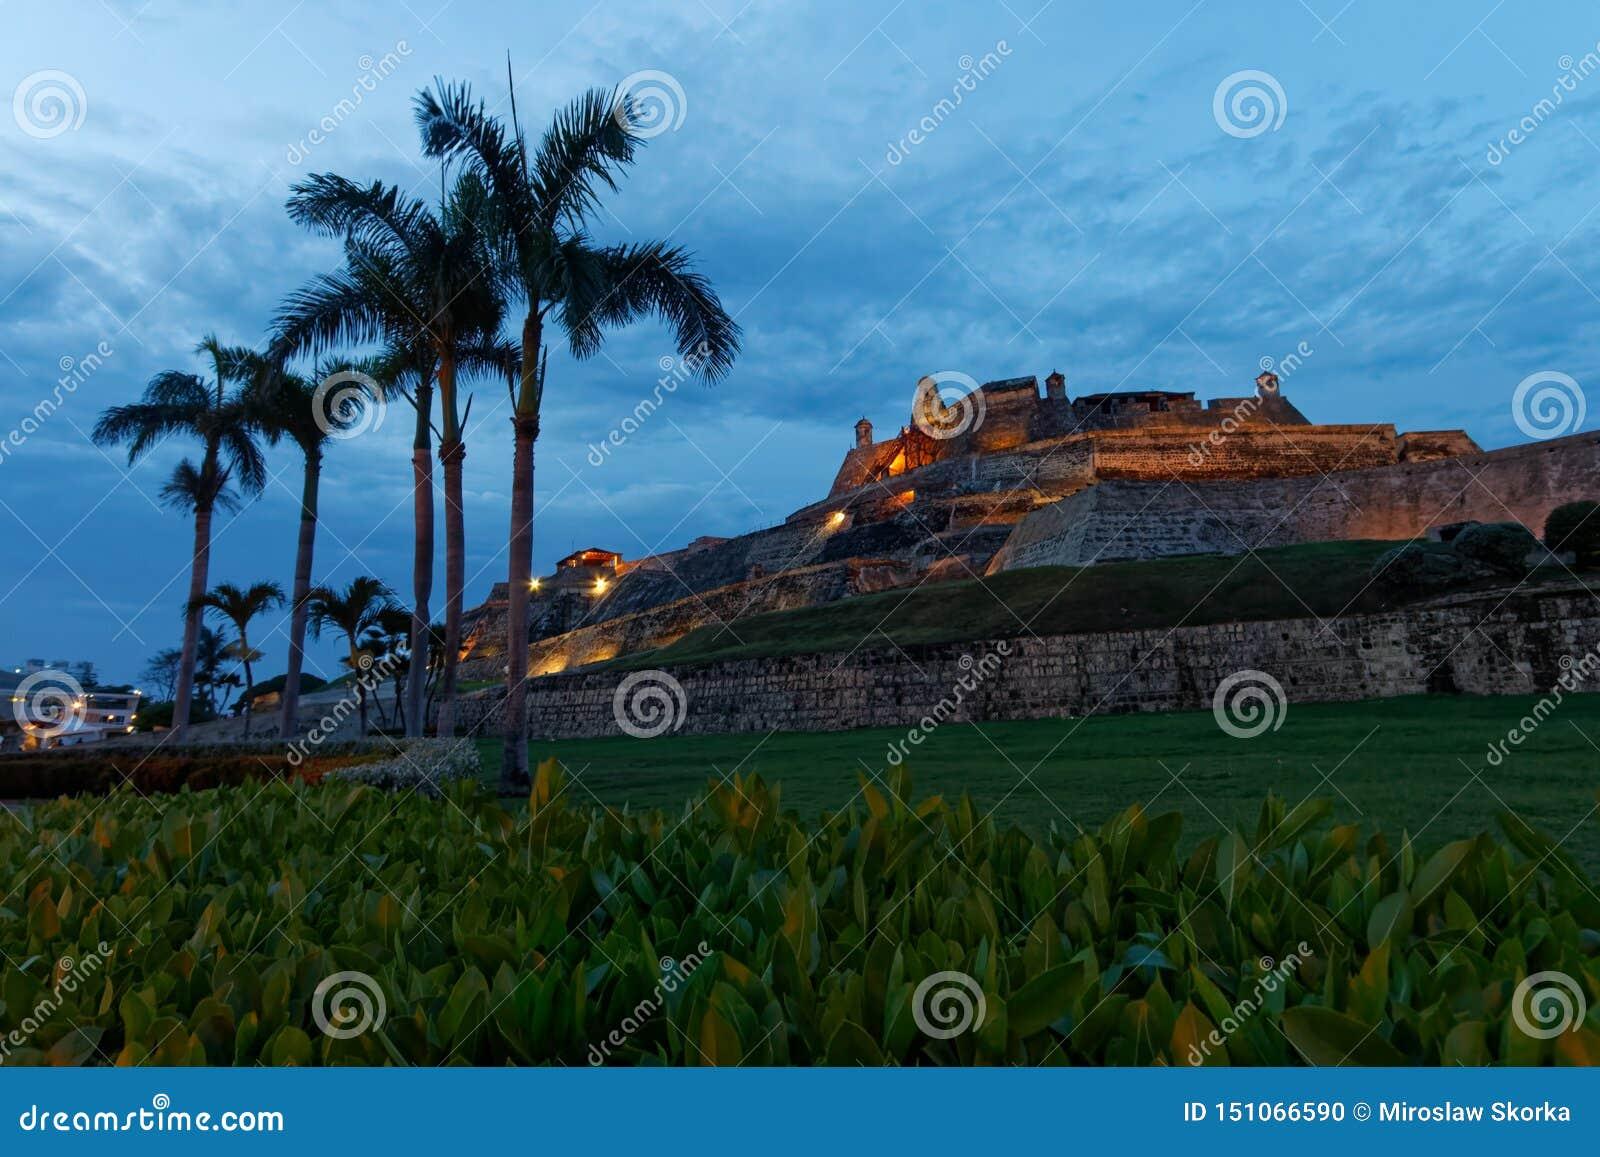 Fuerte de San Felipe de Barajas in Cartagena 2